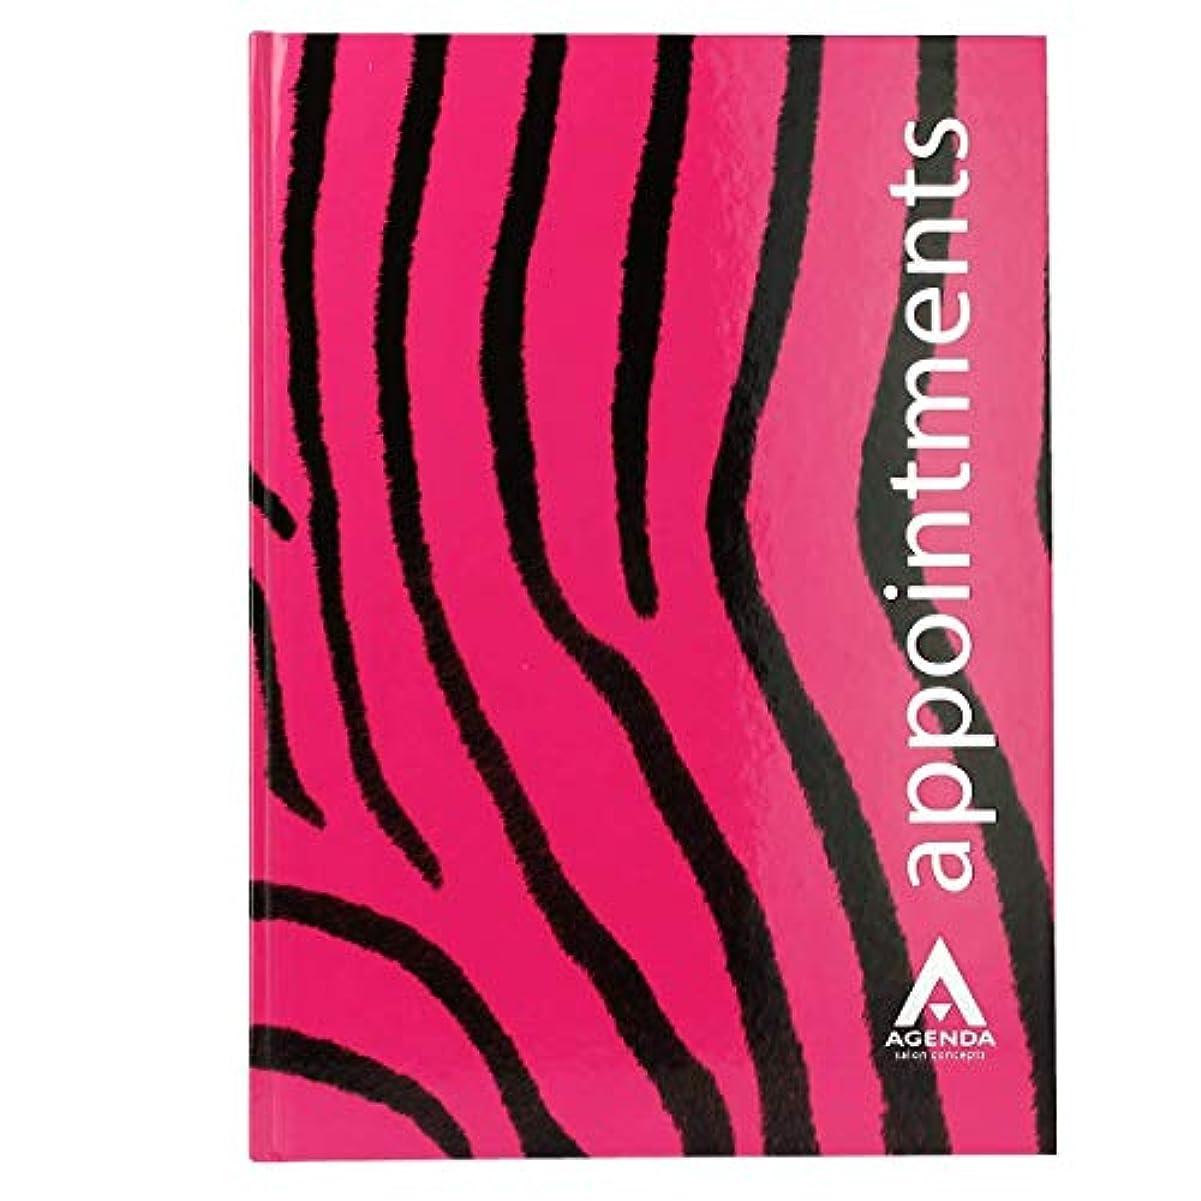 困ったモナリザ彼女のアジェンダ サロンコンセプト 美容アポイントメントブック6アシスタントピンクゼブラ[海外直送品] [並行輸入品]